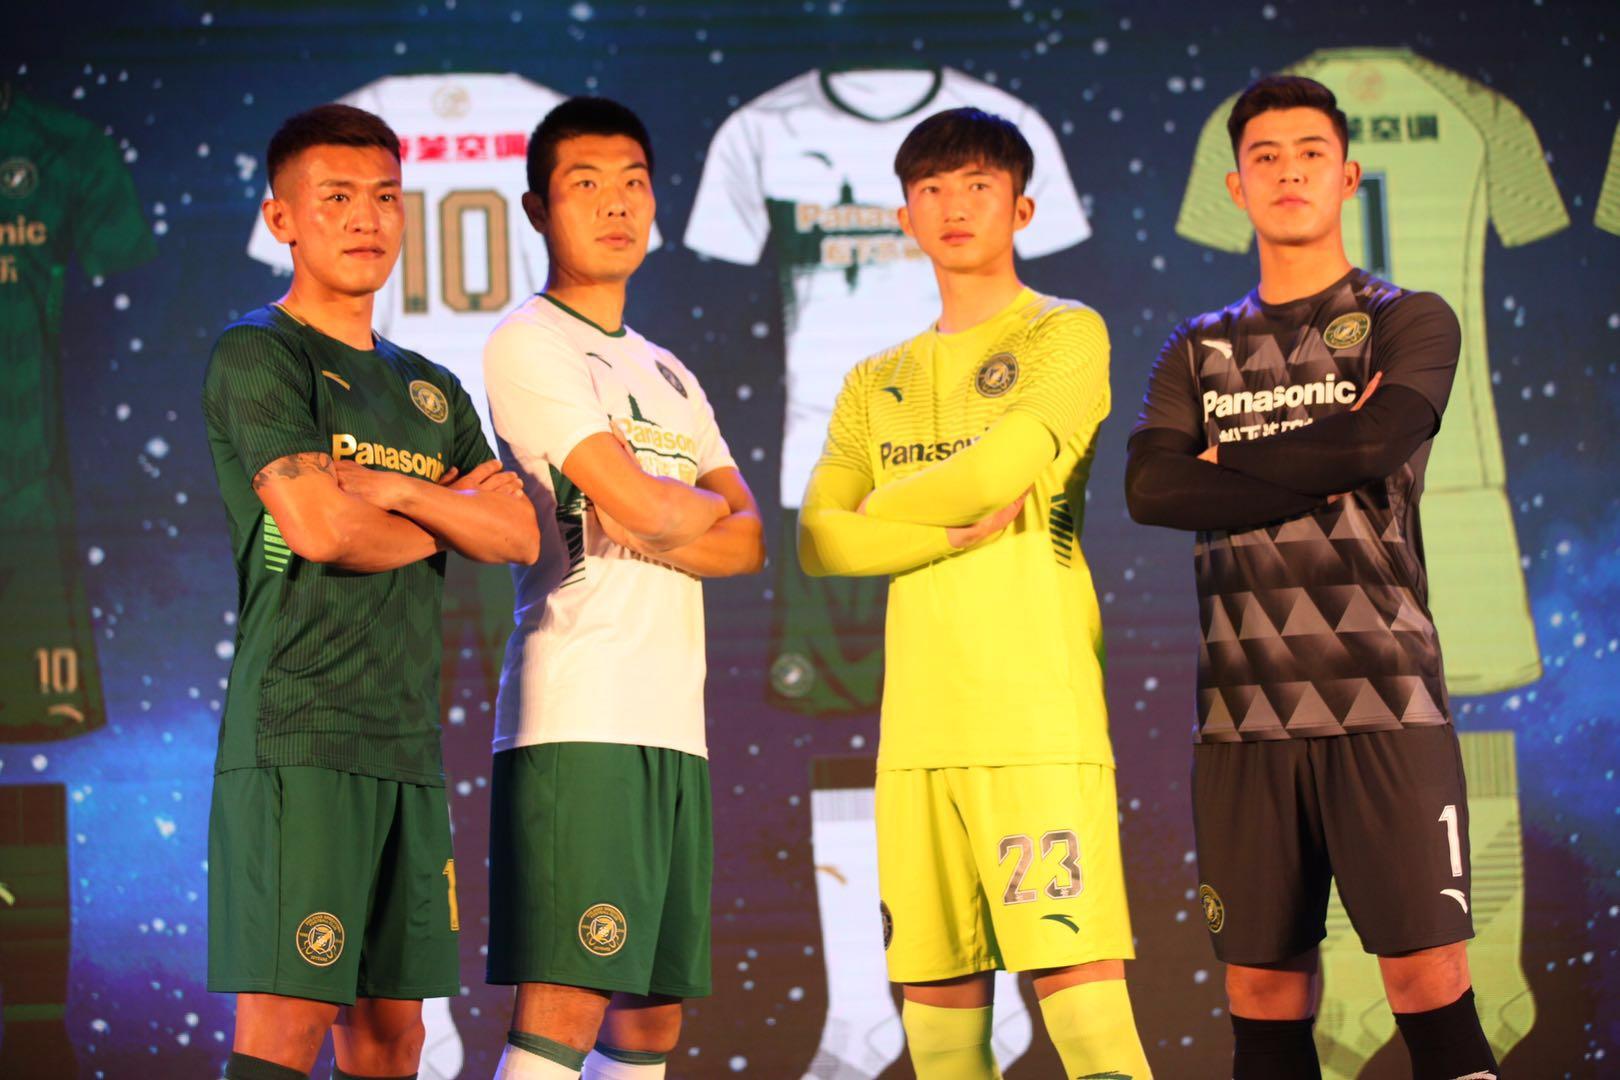 浙江绿城:新赛季踢出漂亮的足球